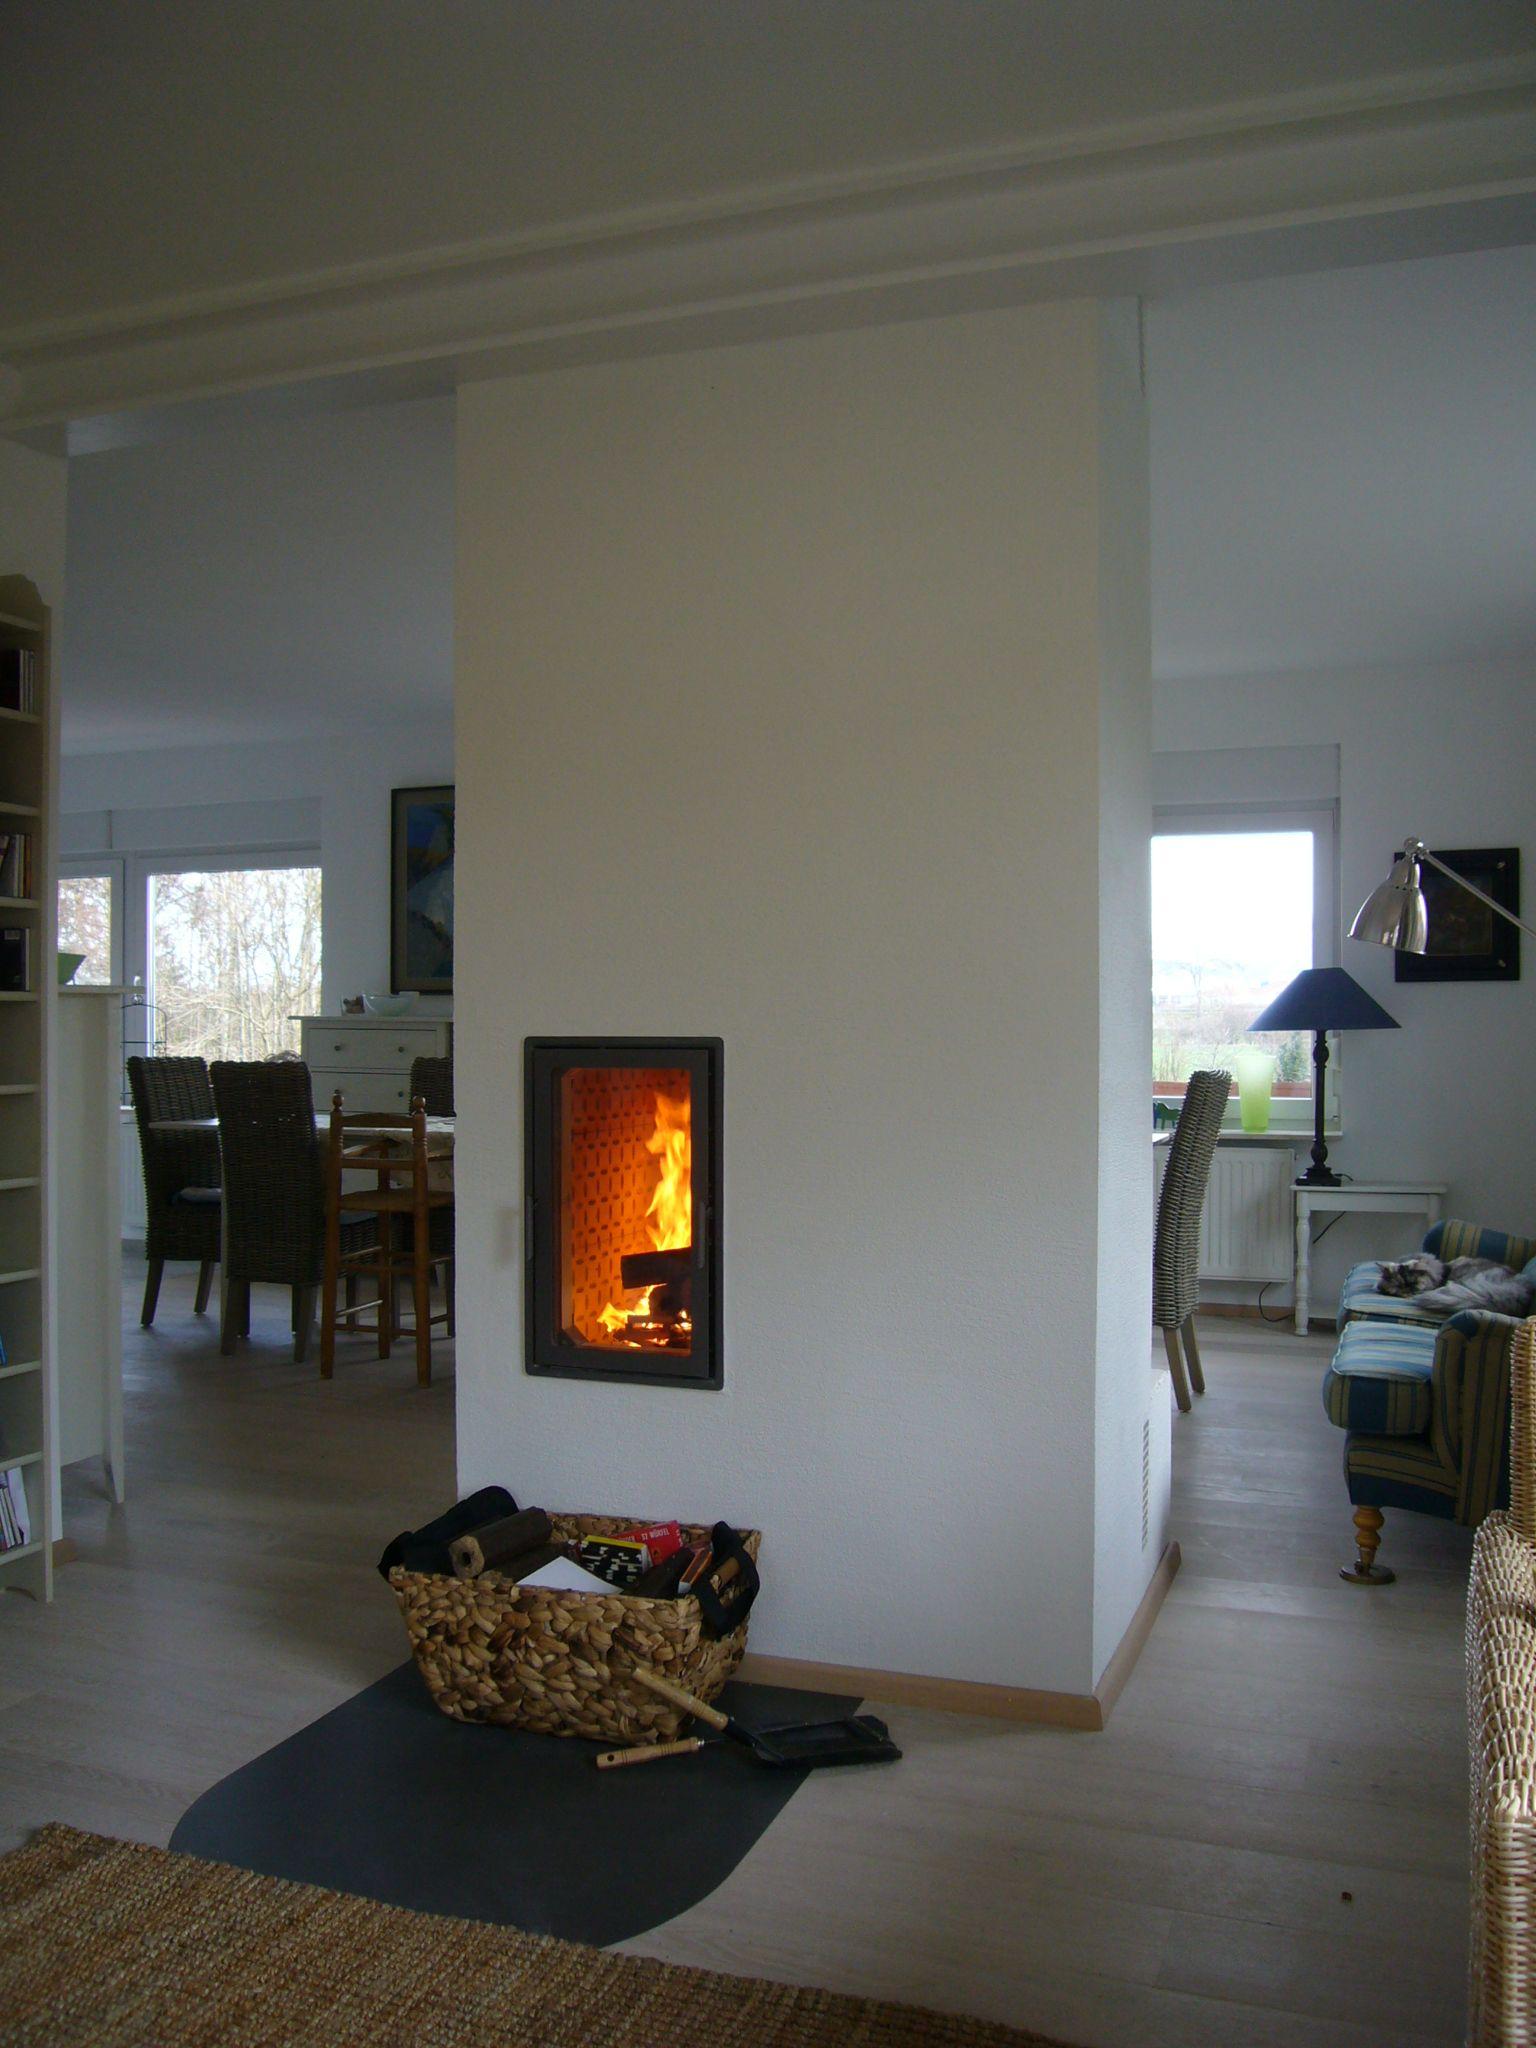 grundofen wieder als raumteiler grund fen pinterest stove rocket stoves und foyer. Black Bedroom Furniture Sets. Home Design Ideas